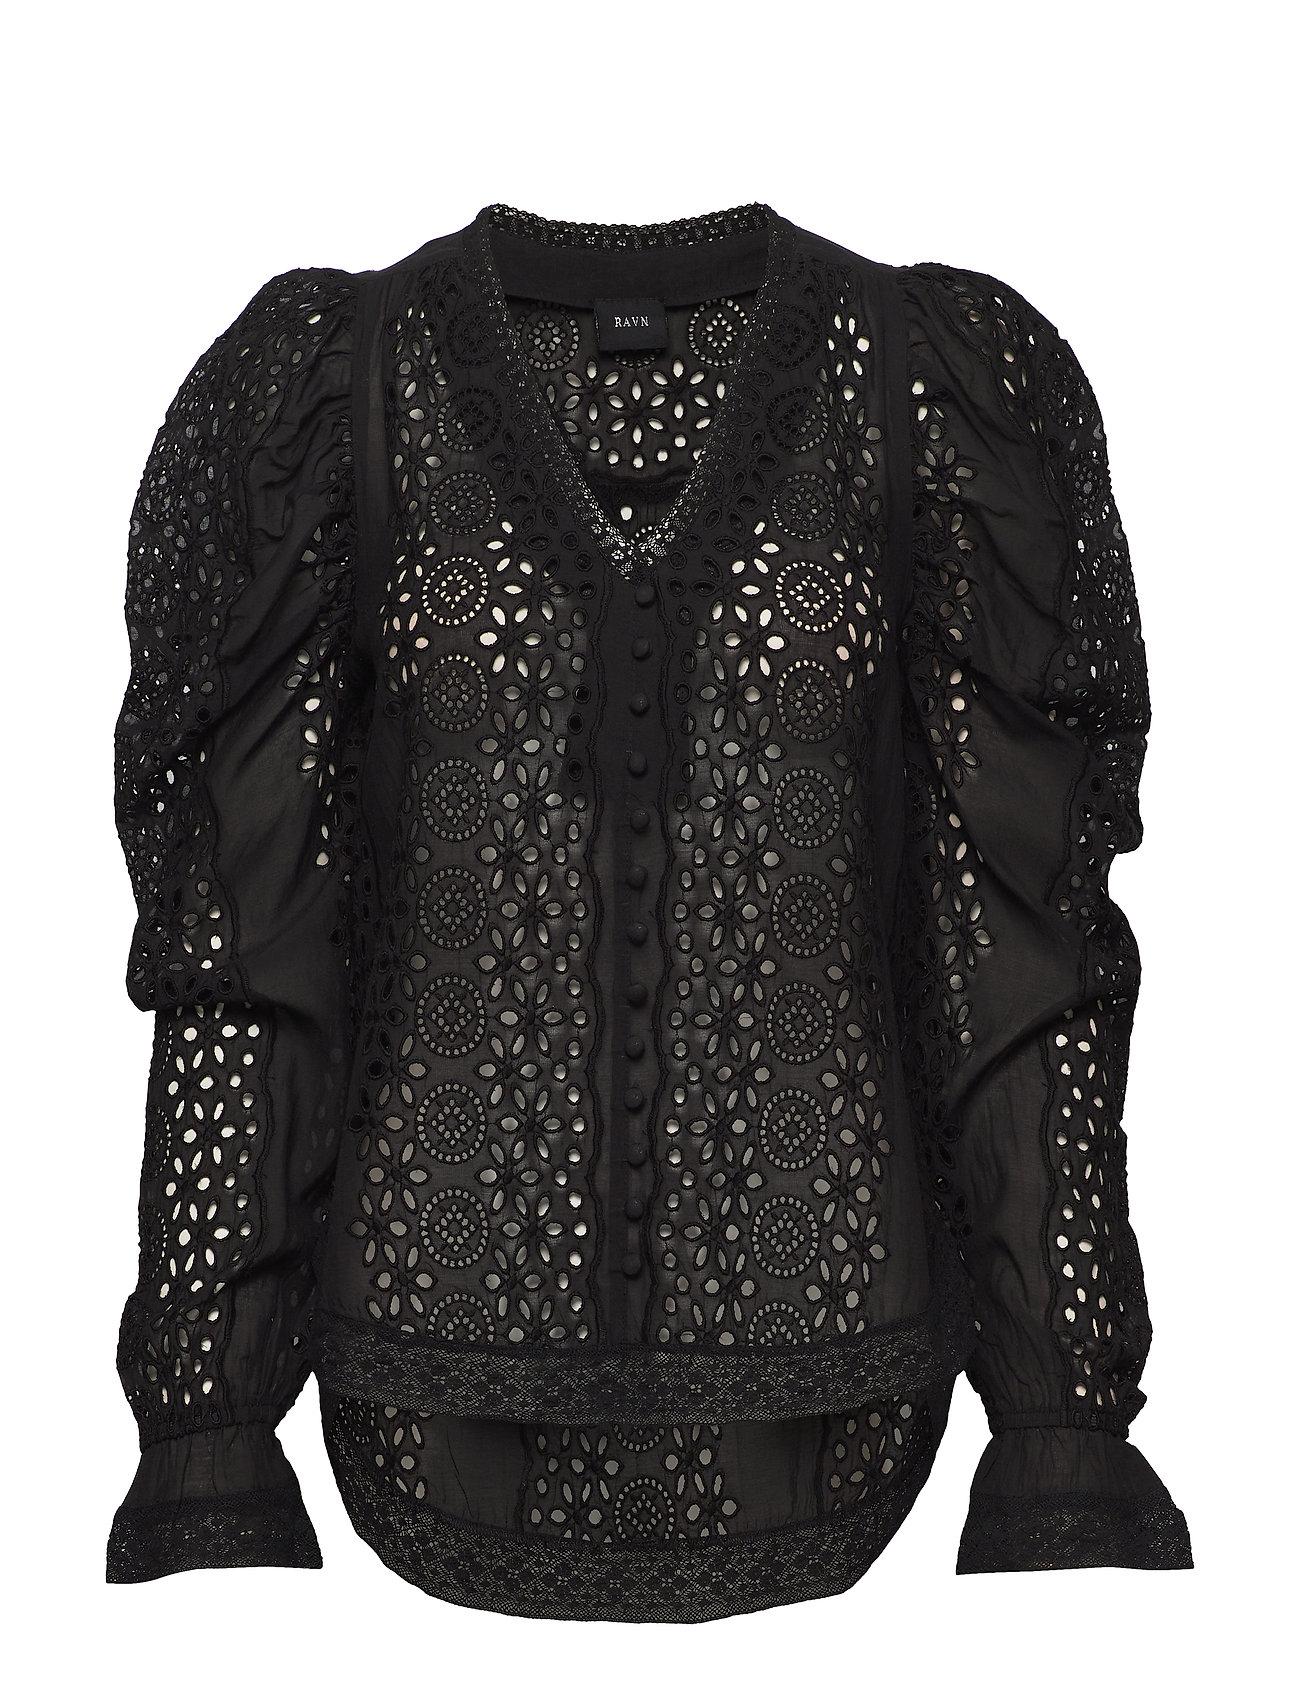 Ravn Riva Shirt - BLACK